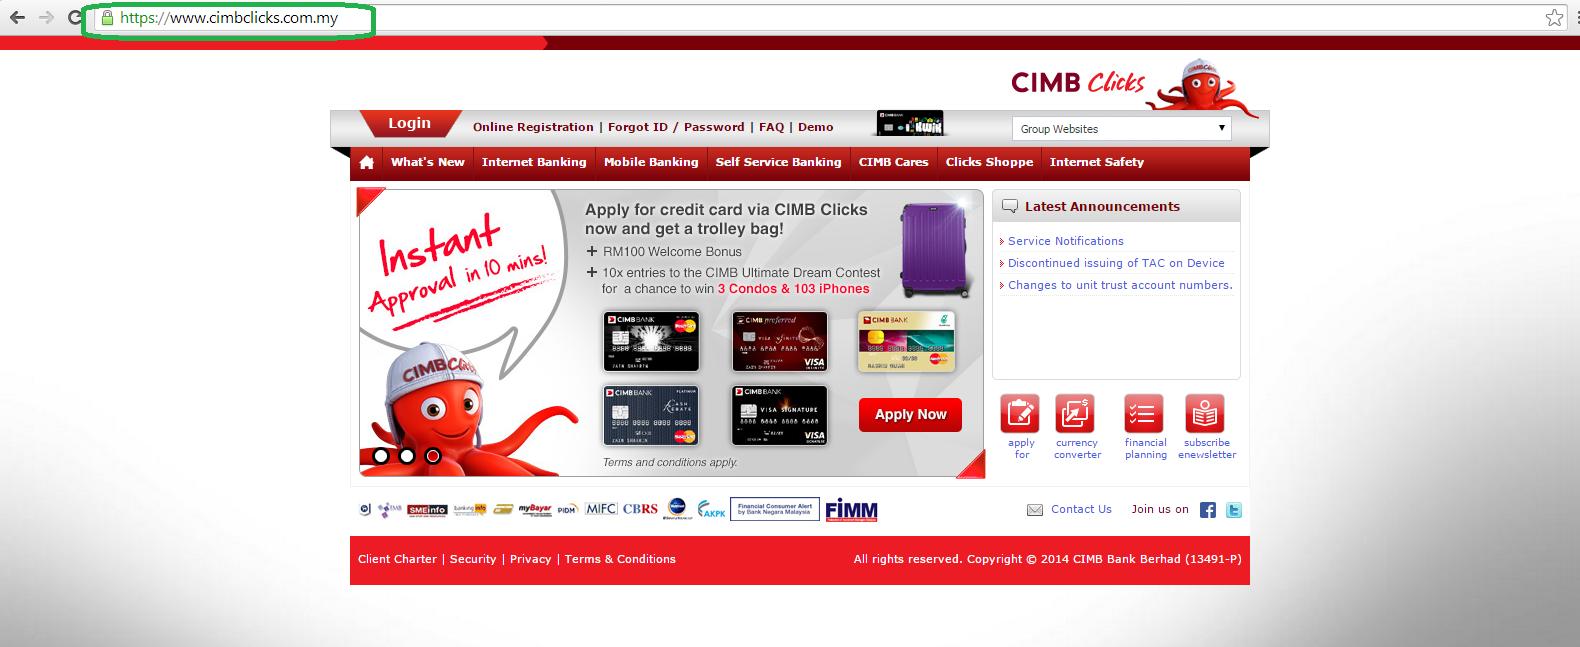 Cara transfer duit menggunakan CIMB clicks (CIMB ke CIMB)